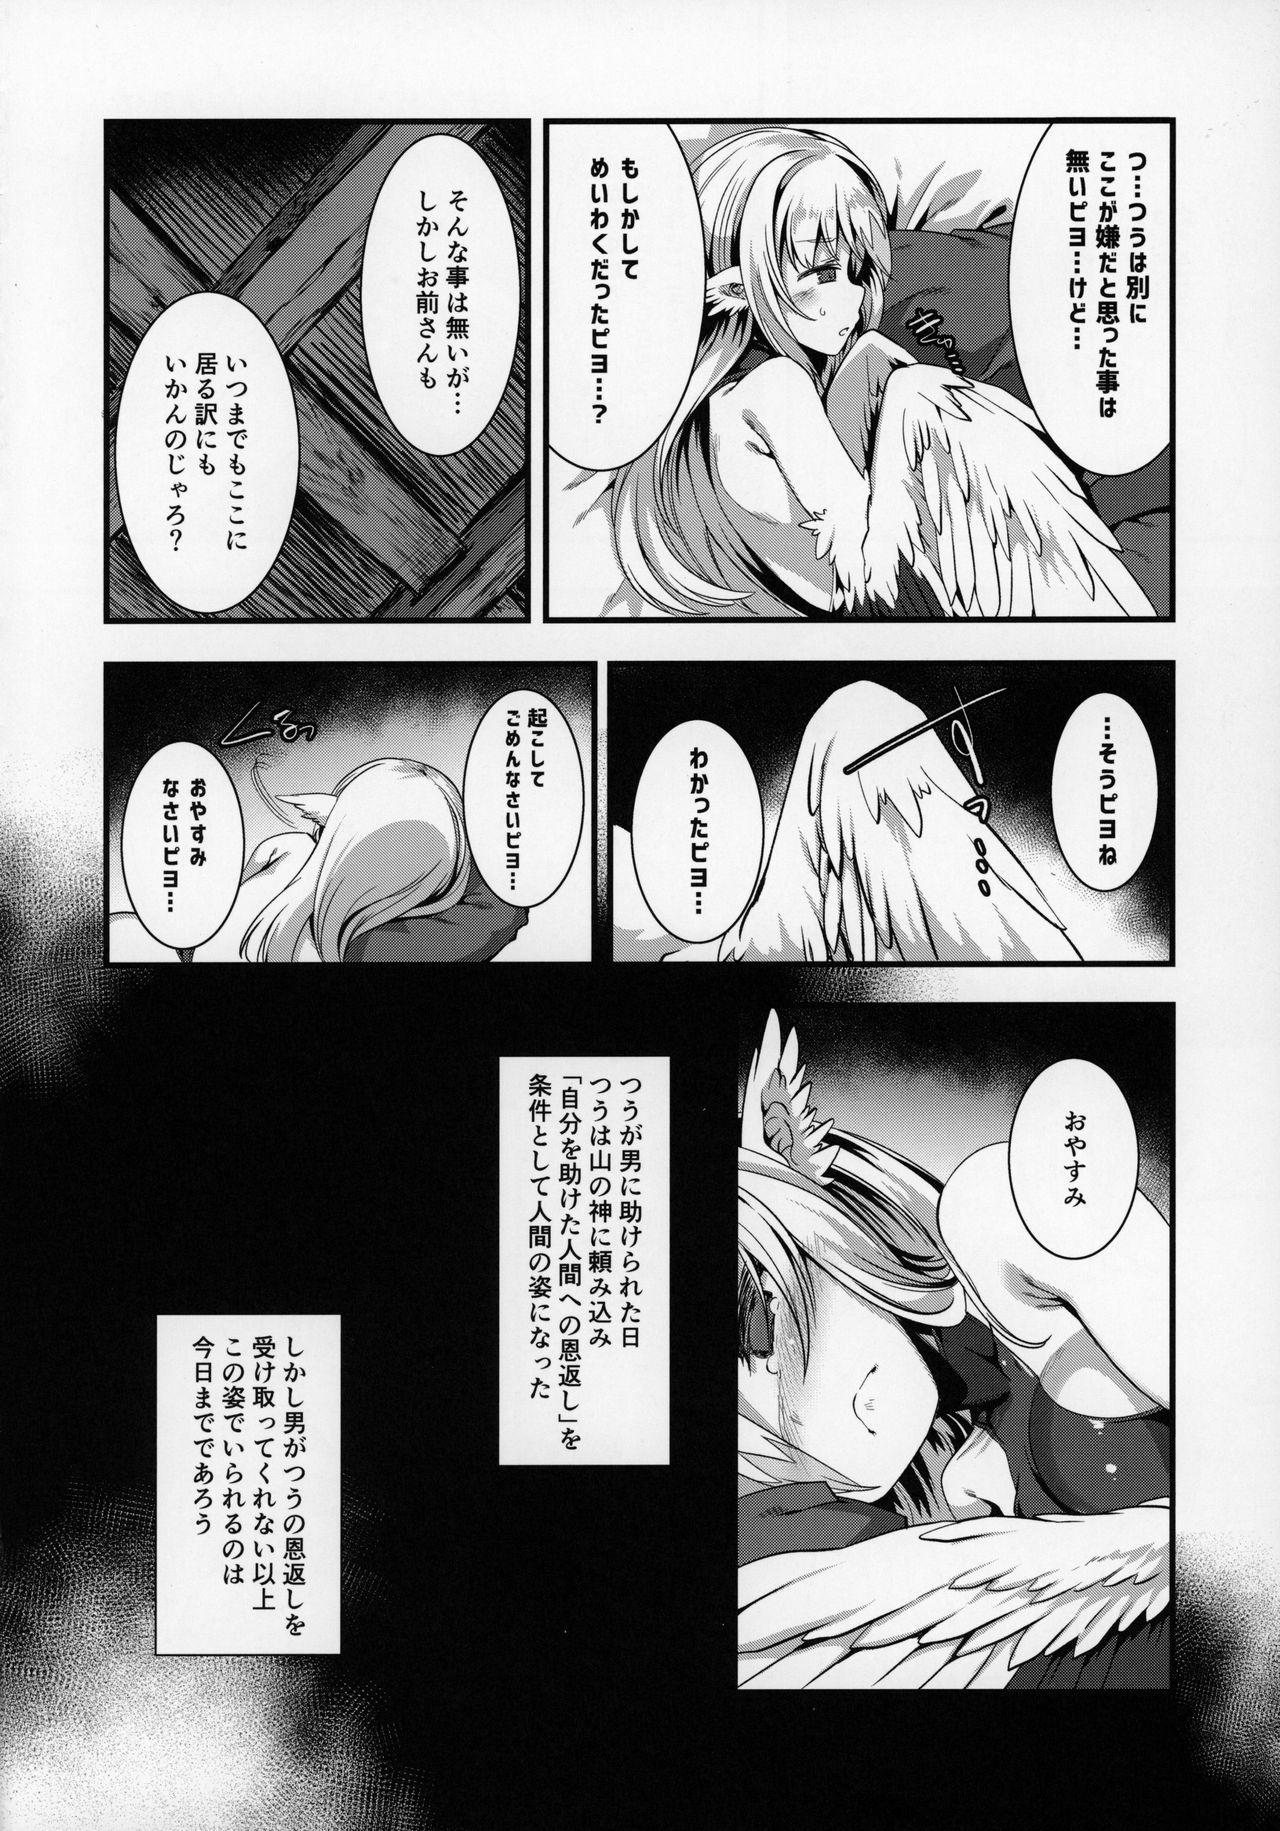 Tsuru Harpy no Ongaeshi 18